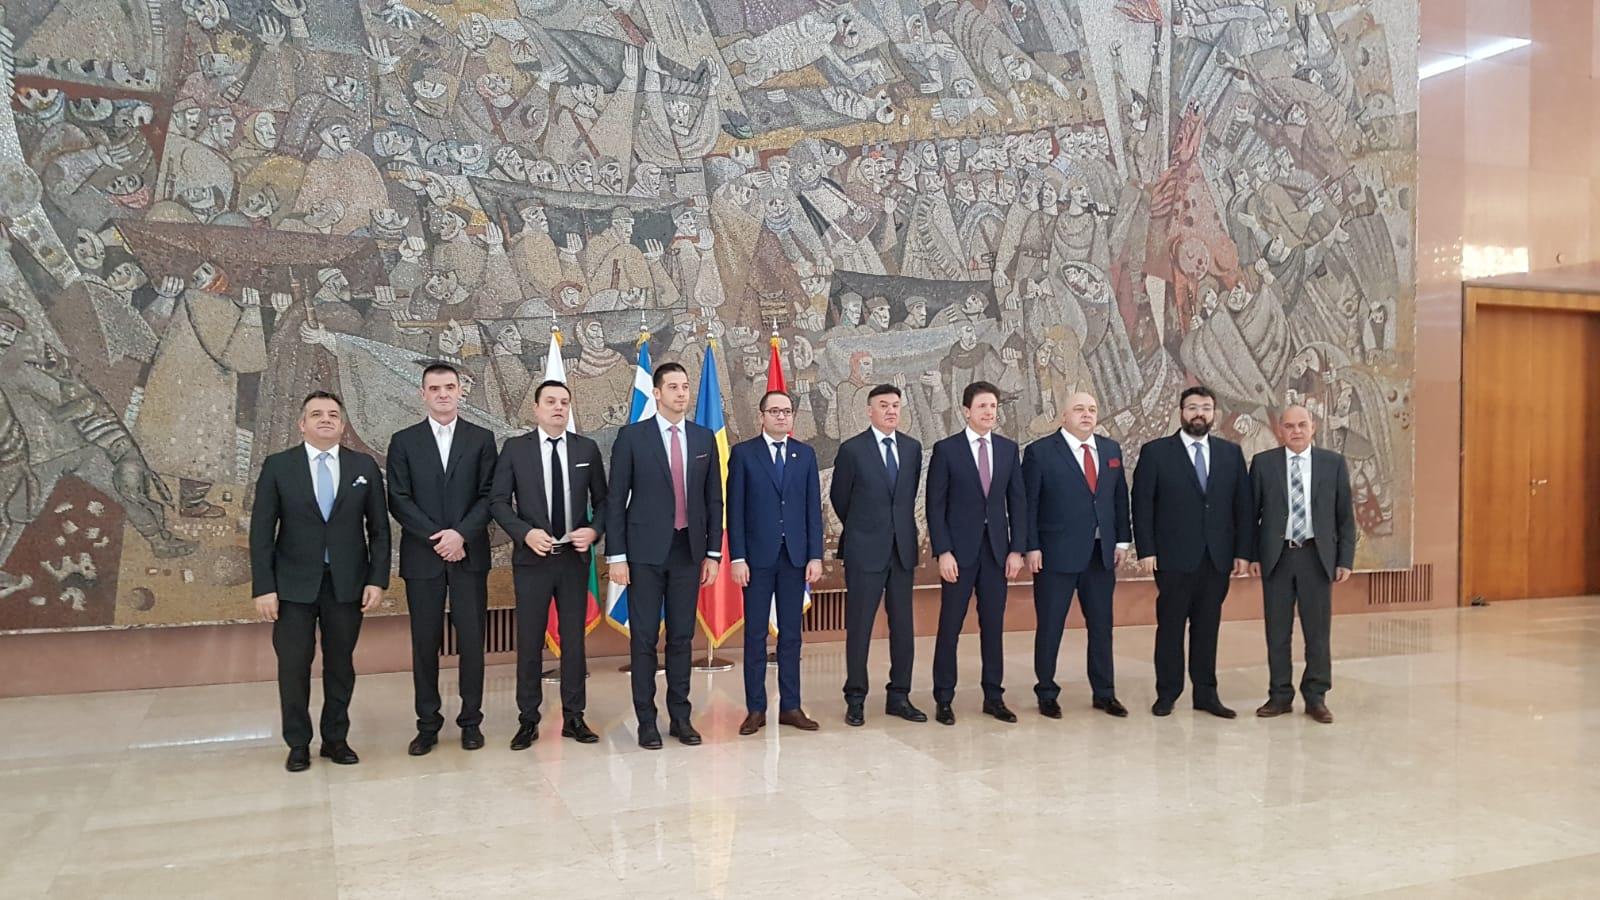 Србија, Грчка, Бугарска и Румунија изразиле спремност на заједнички рад на кандидатури за Европско првенство 2028. и Светско првенство 2030. у фудбалу